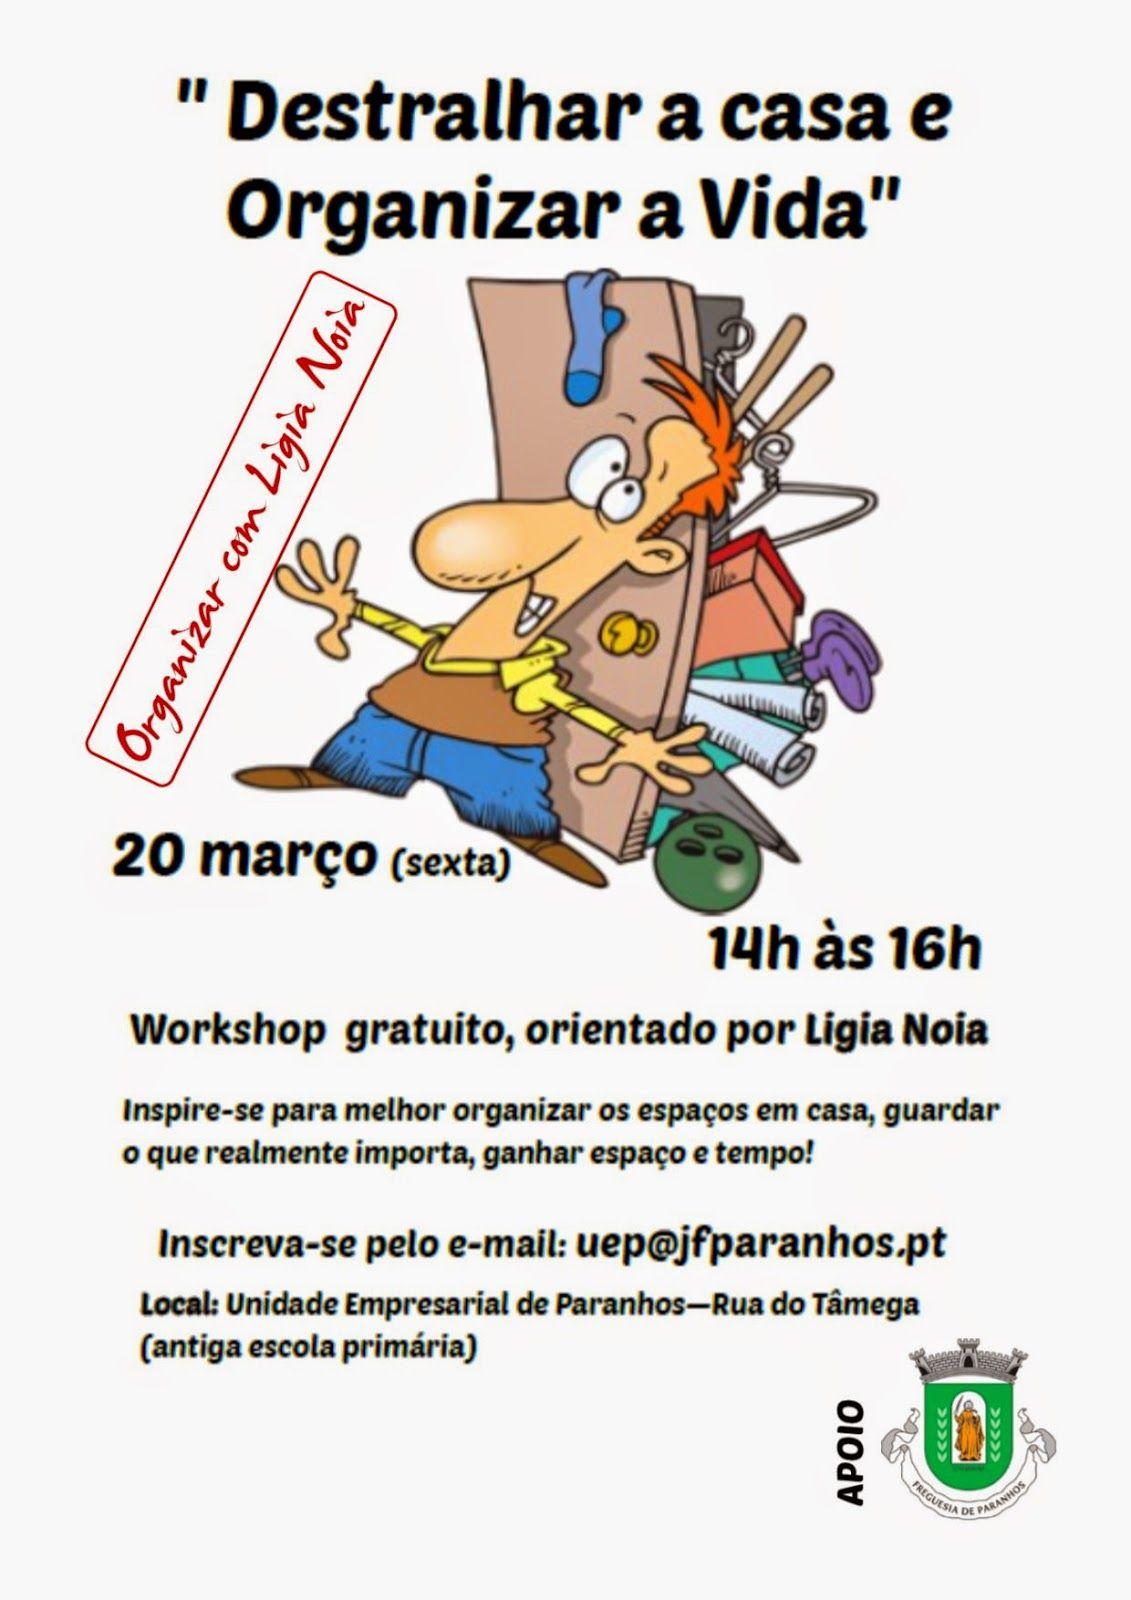 """Organizar com Ligia Noia: """"Workshop Destralhar a Casa e Organizar a Vida"""" no..."""